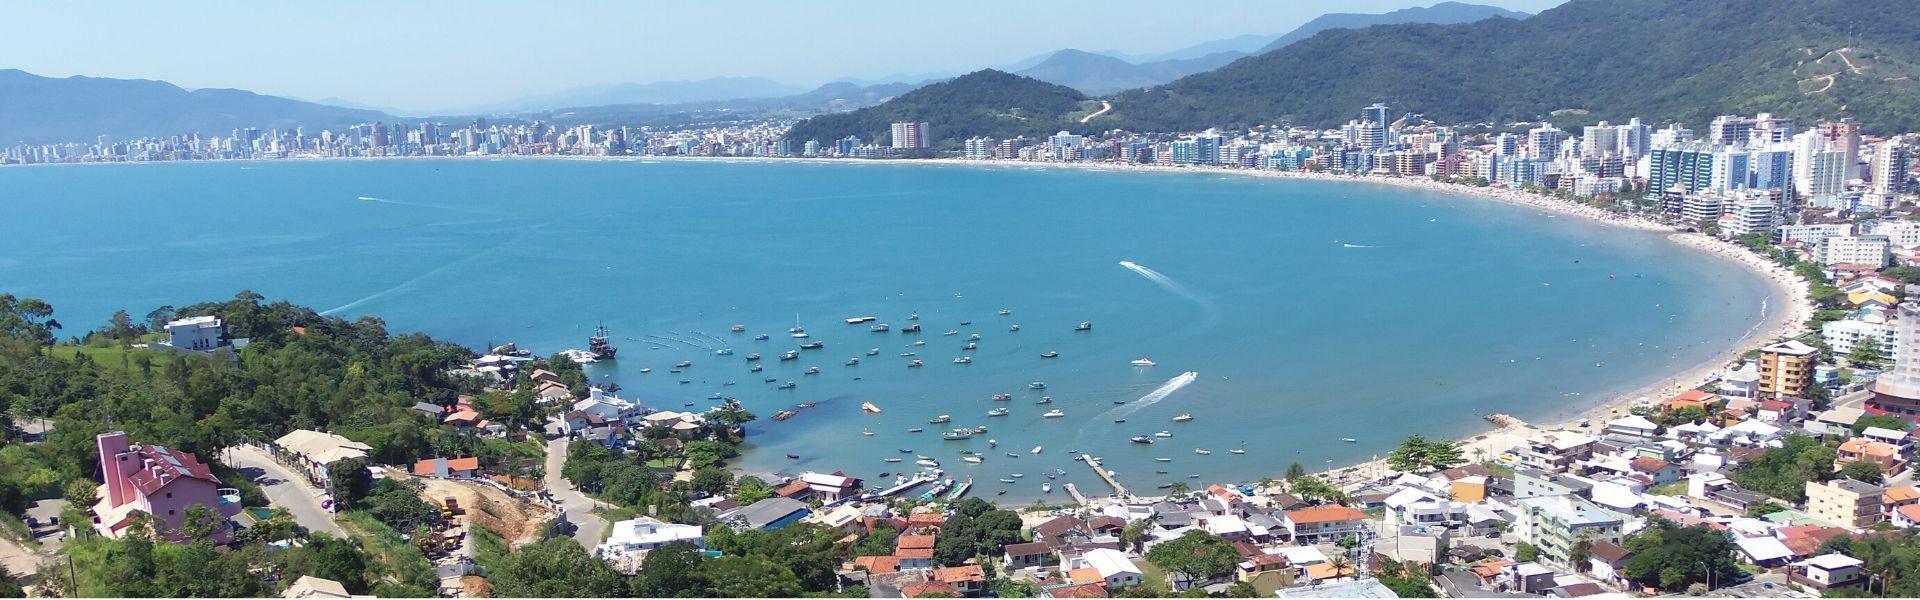 Itapema Conheça nossa encantada Costa Esmeralda